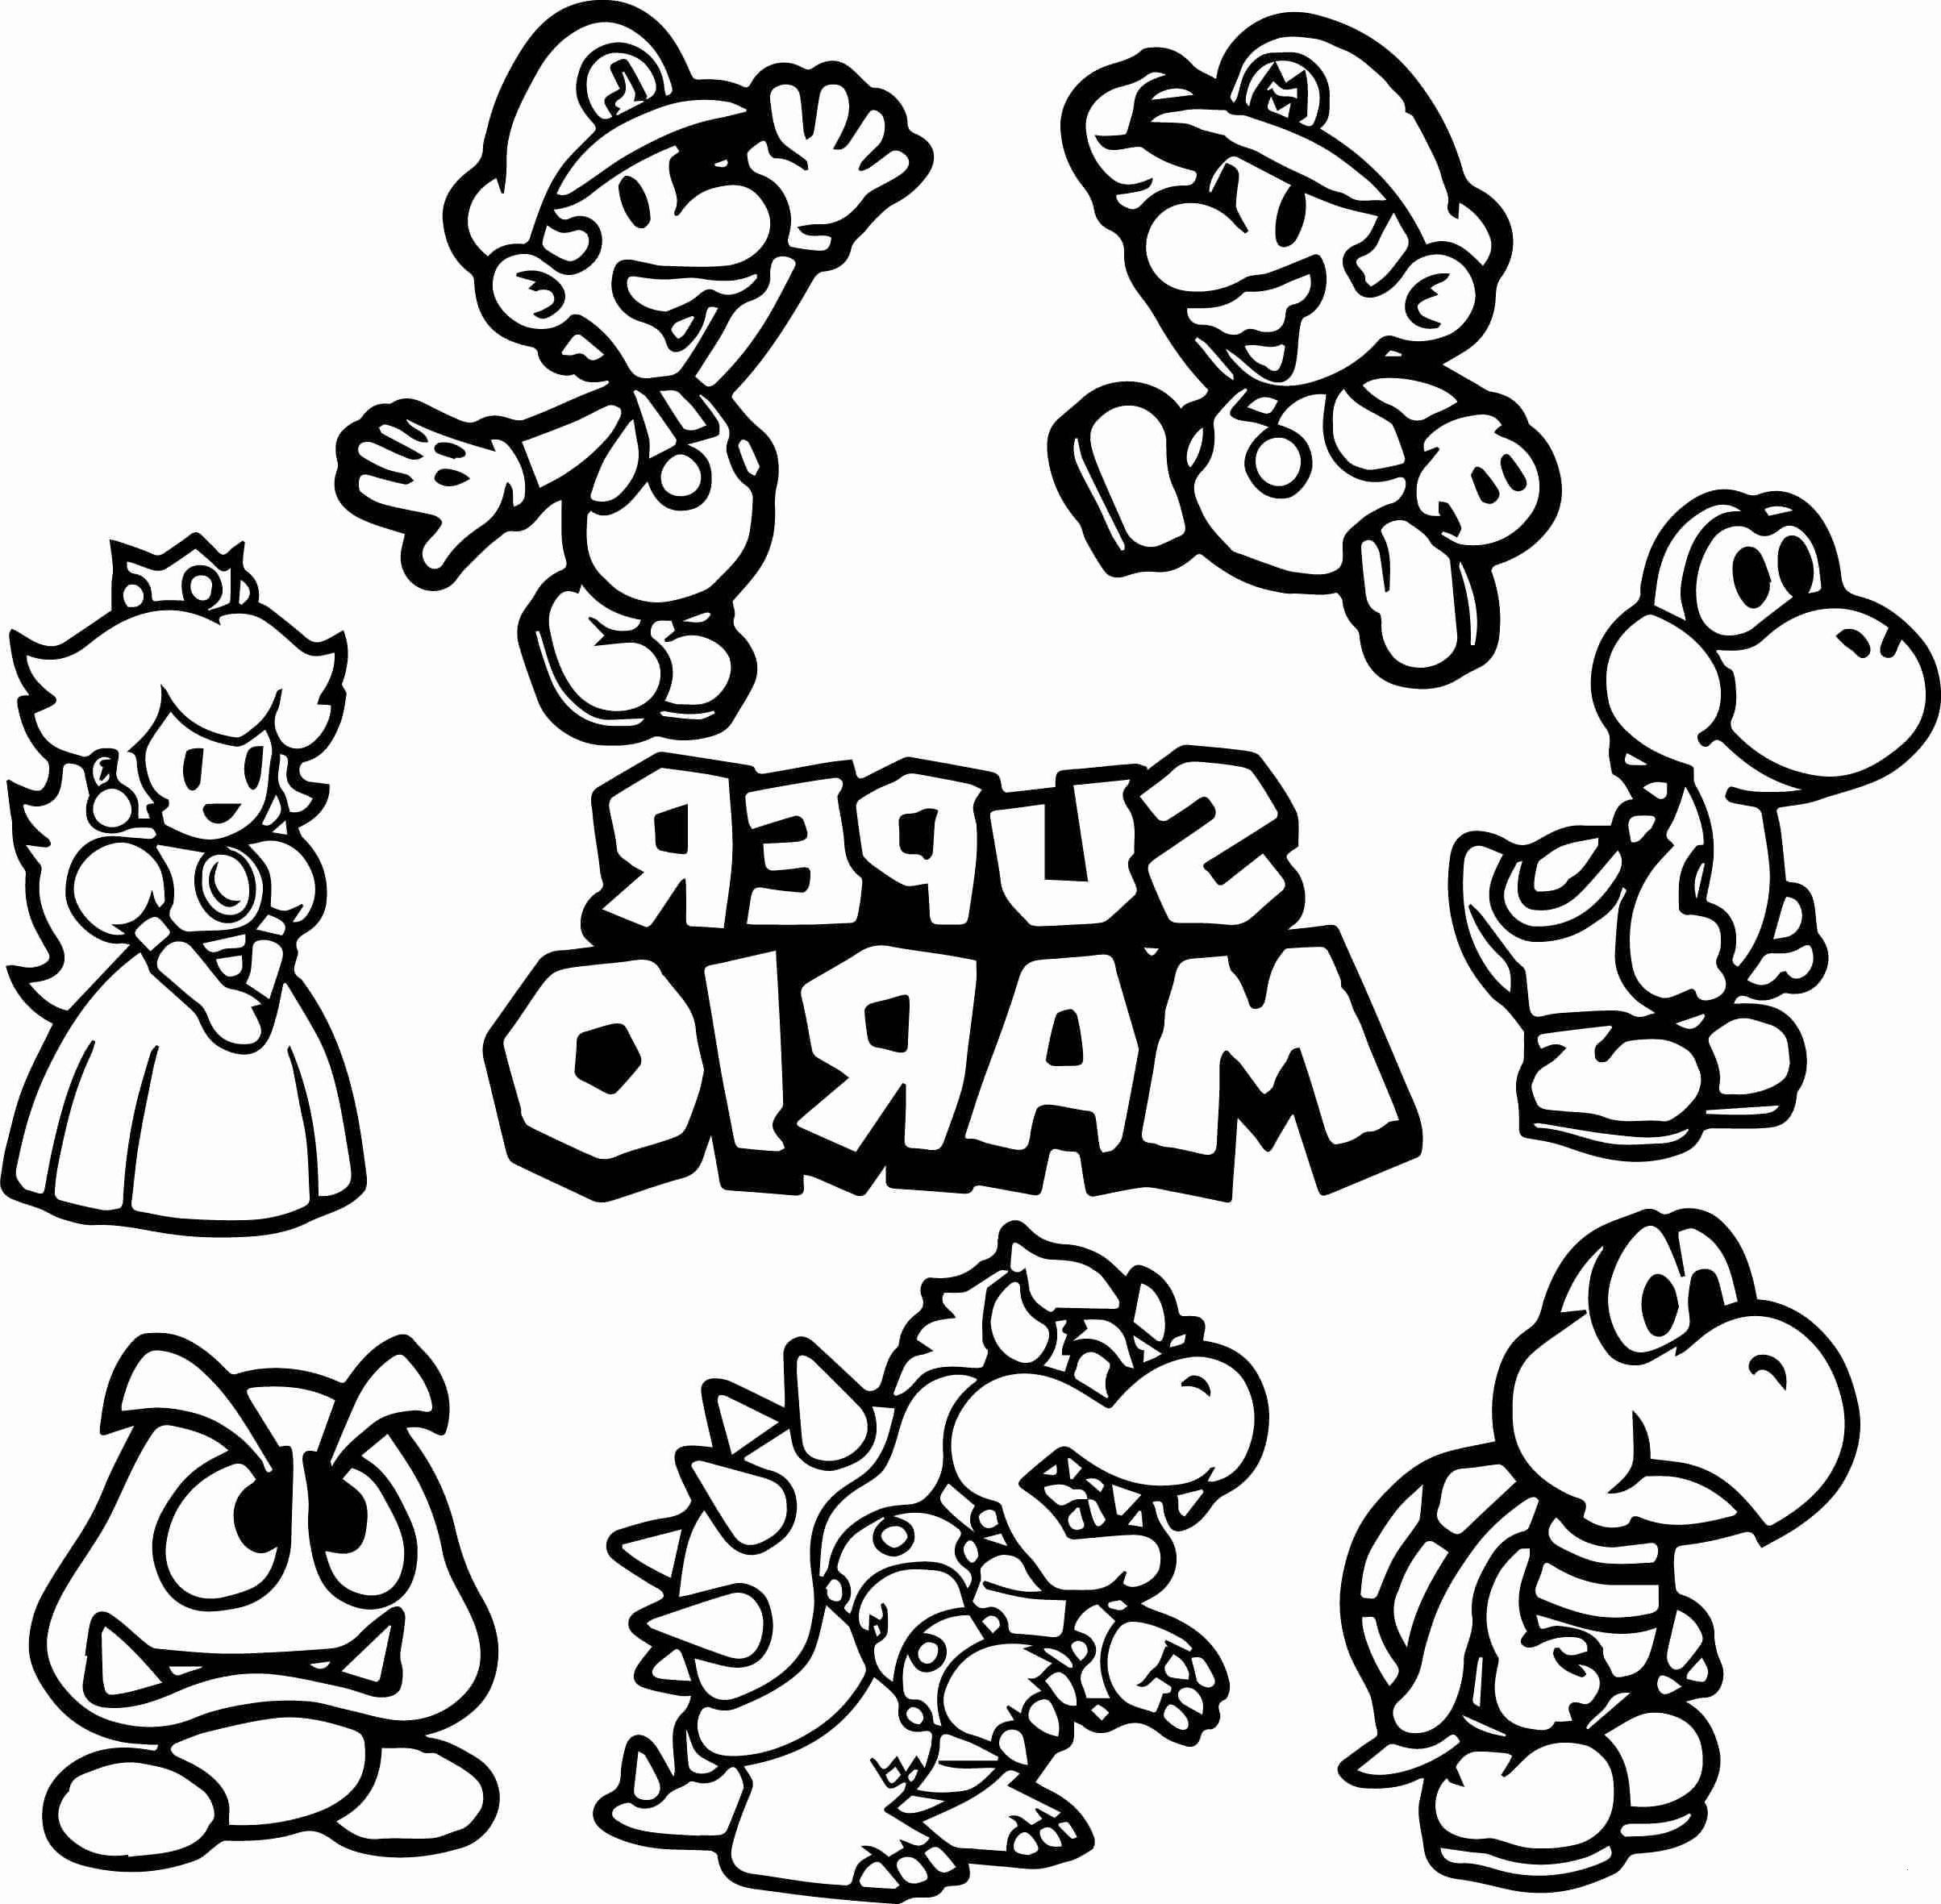 Super Mario Malvorlagen Das Beste Von 28 Inspirierend Ausmalbild Super Mario – Malvorlagen Ideen Galerie